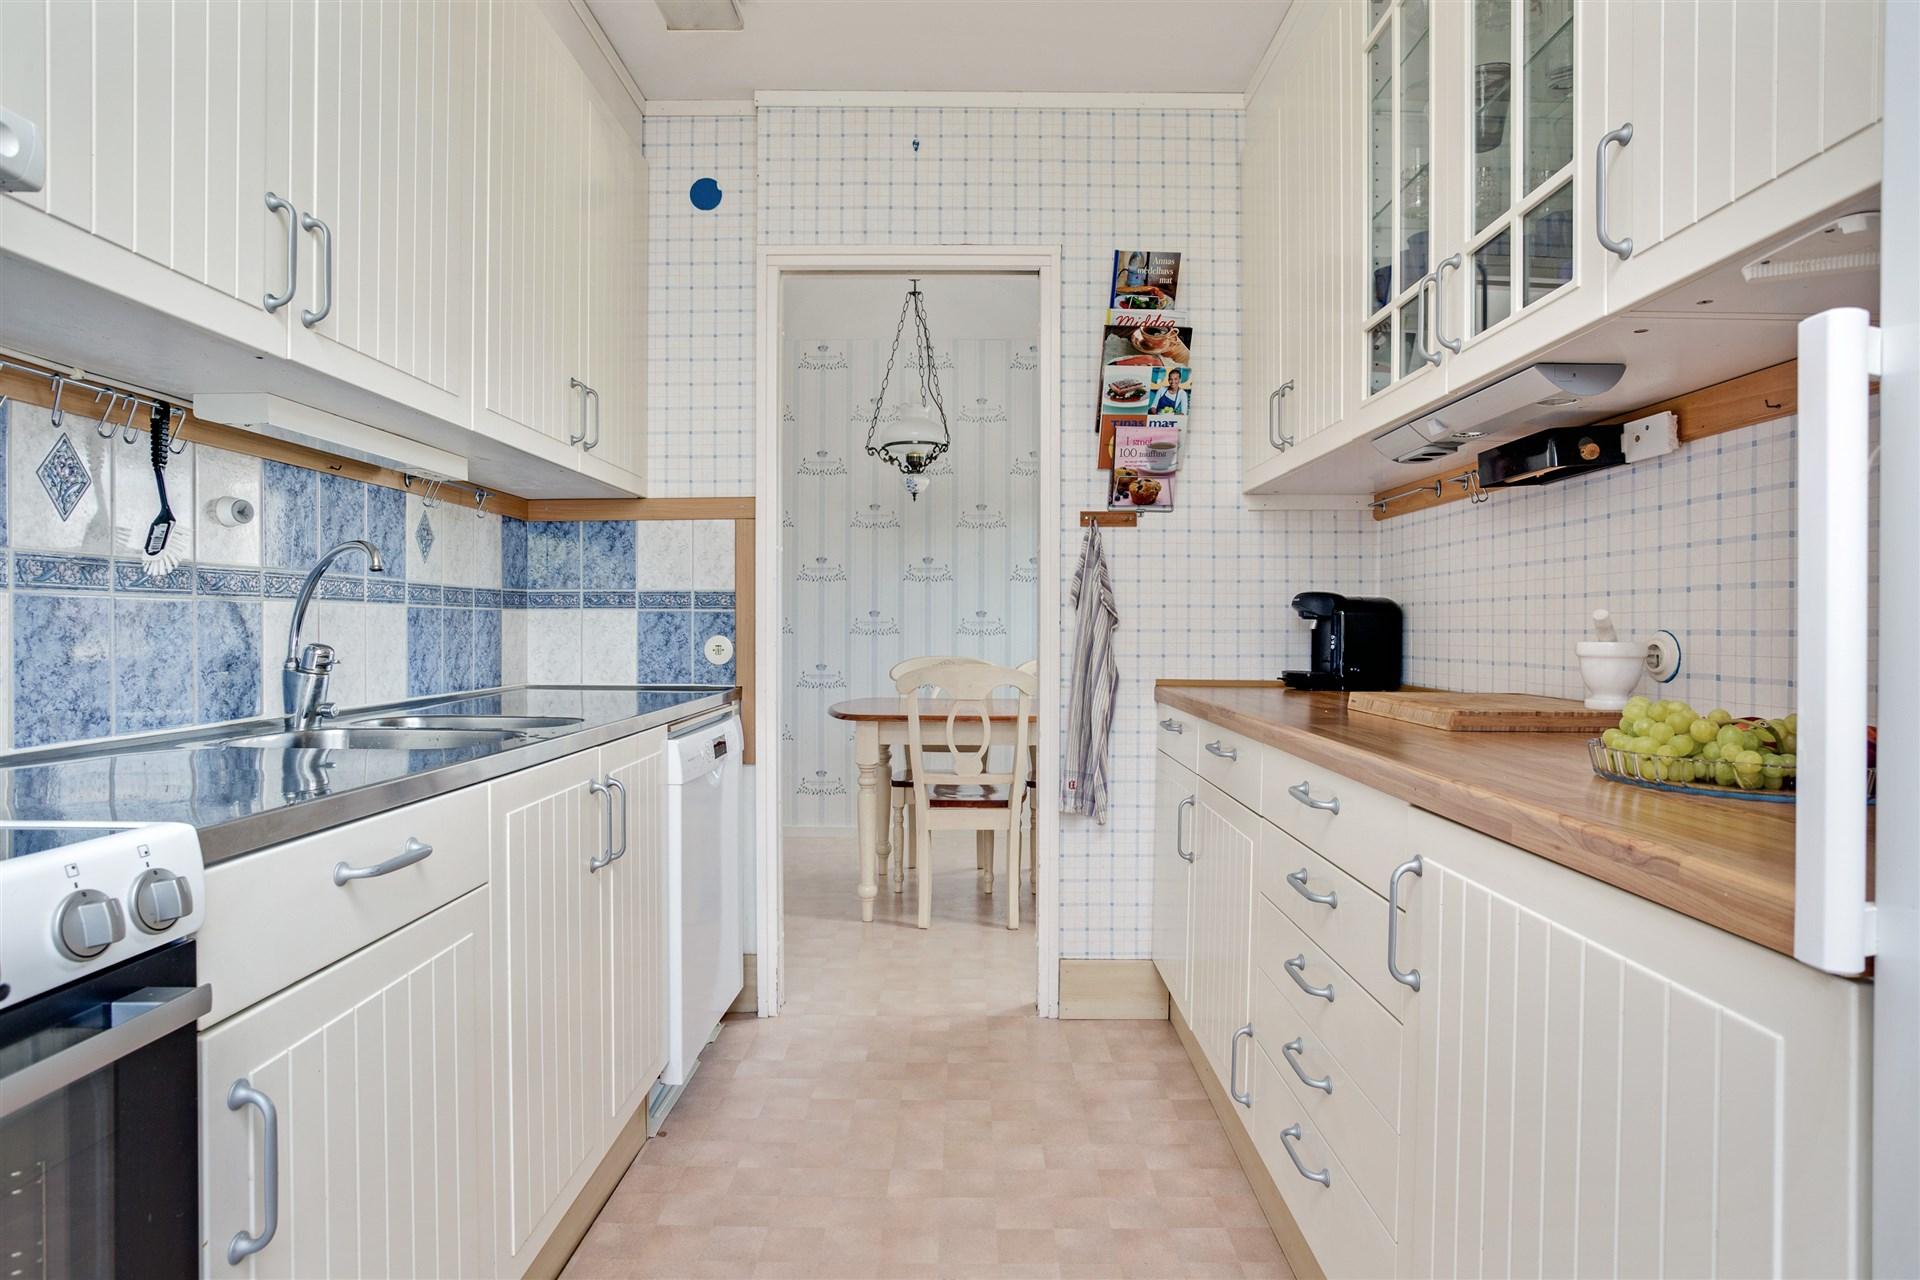 Köket är fullt utrustat, har bra förvaring och stora arbetsytor.